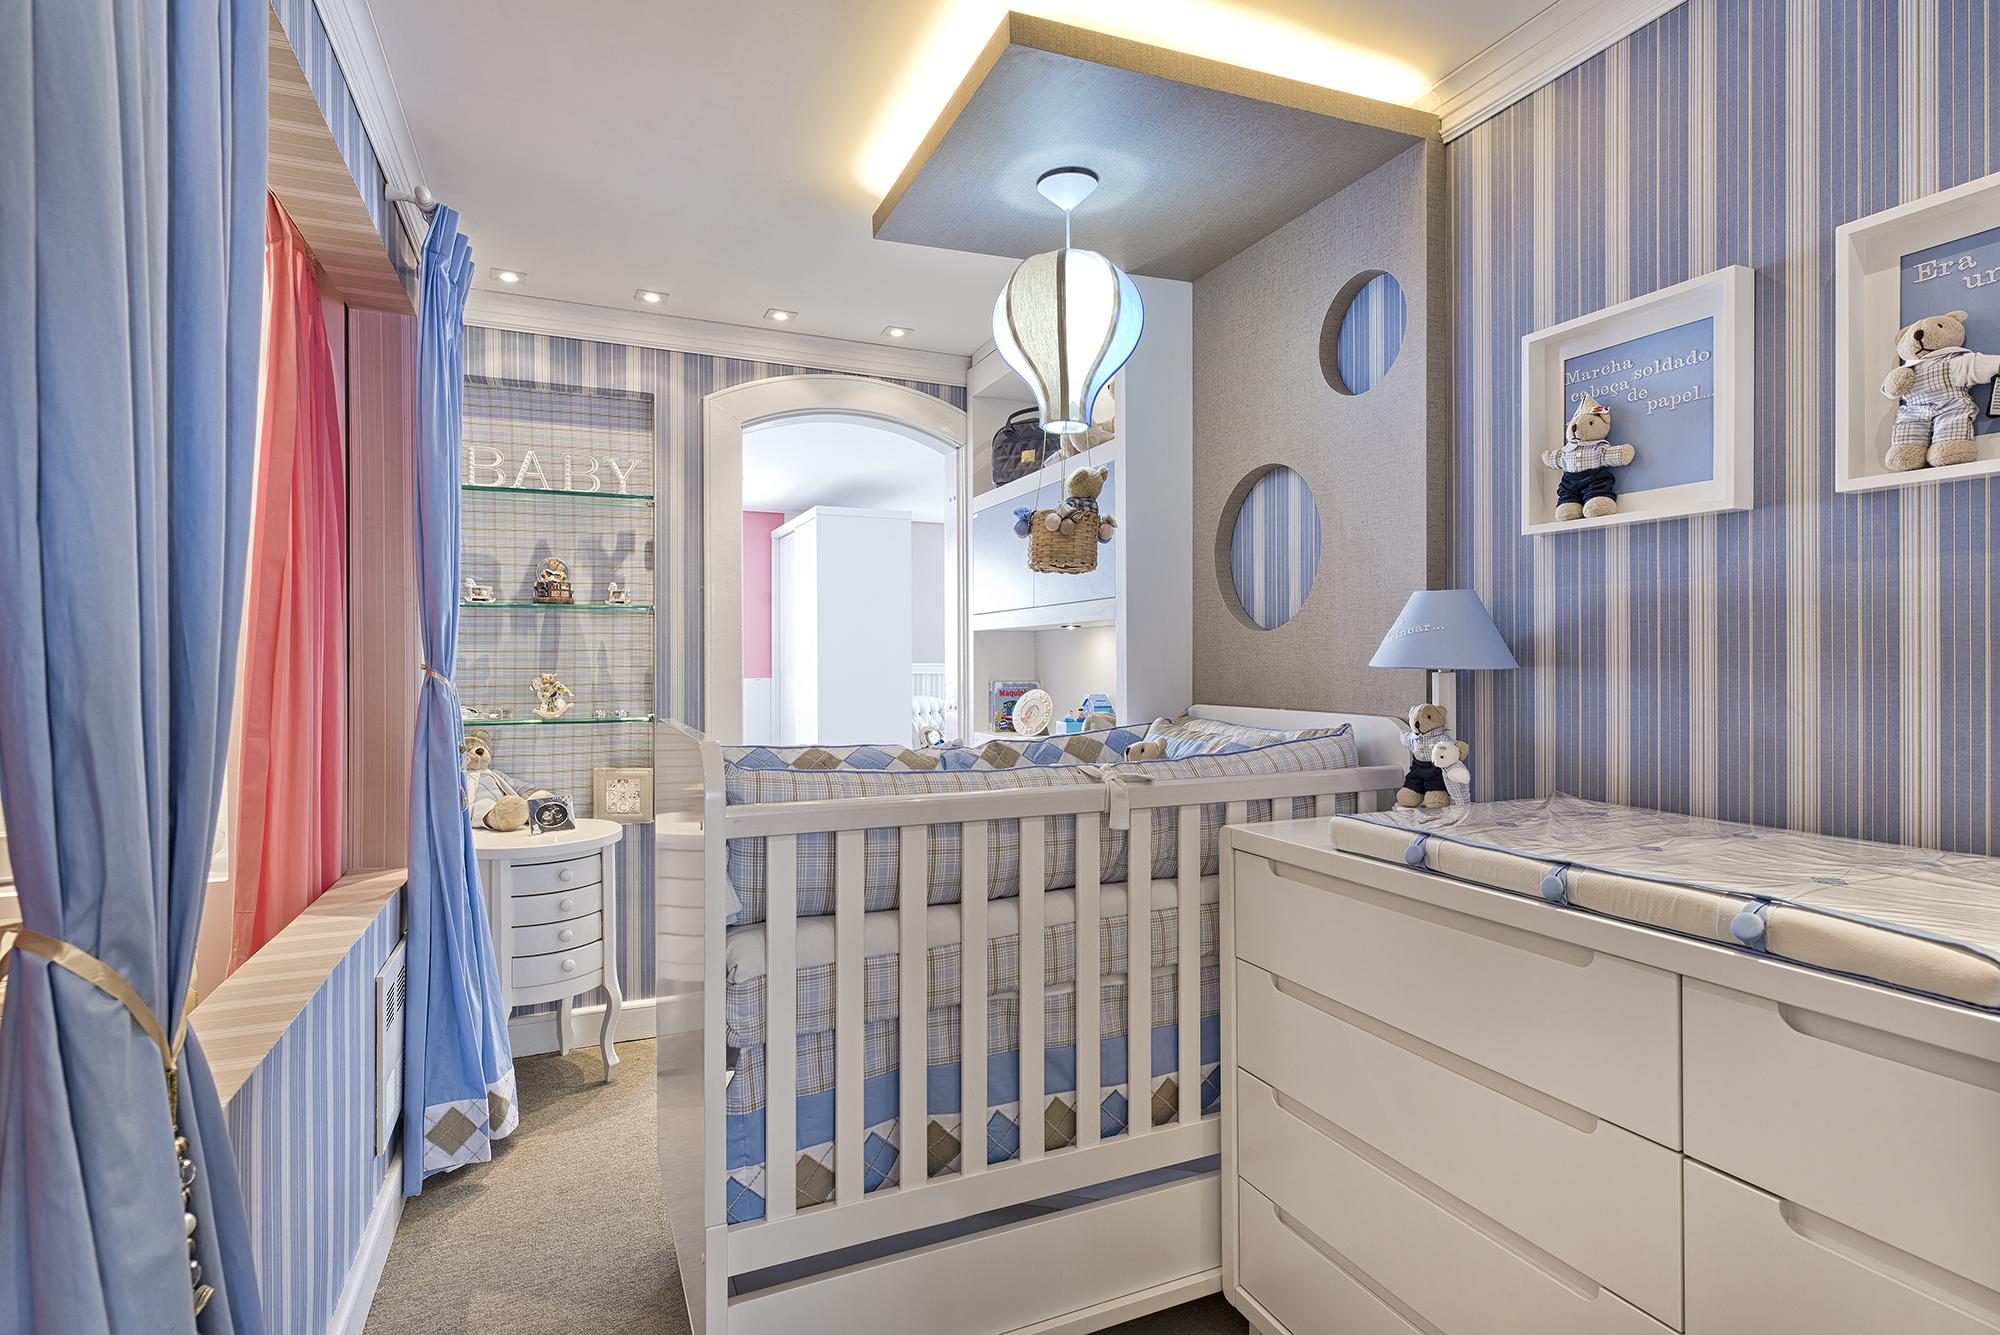 Mostra Casa Baby Dreams 16